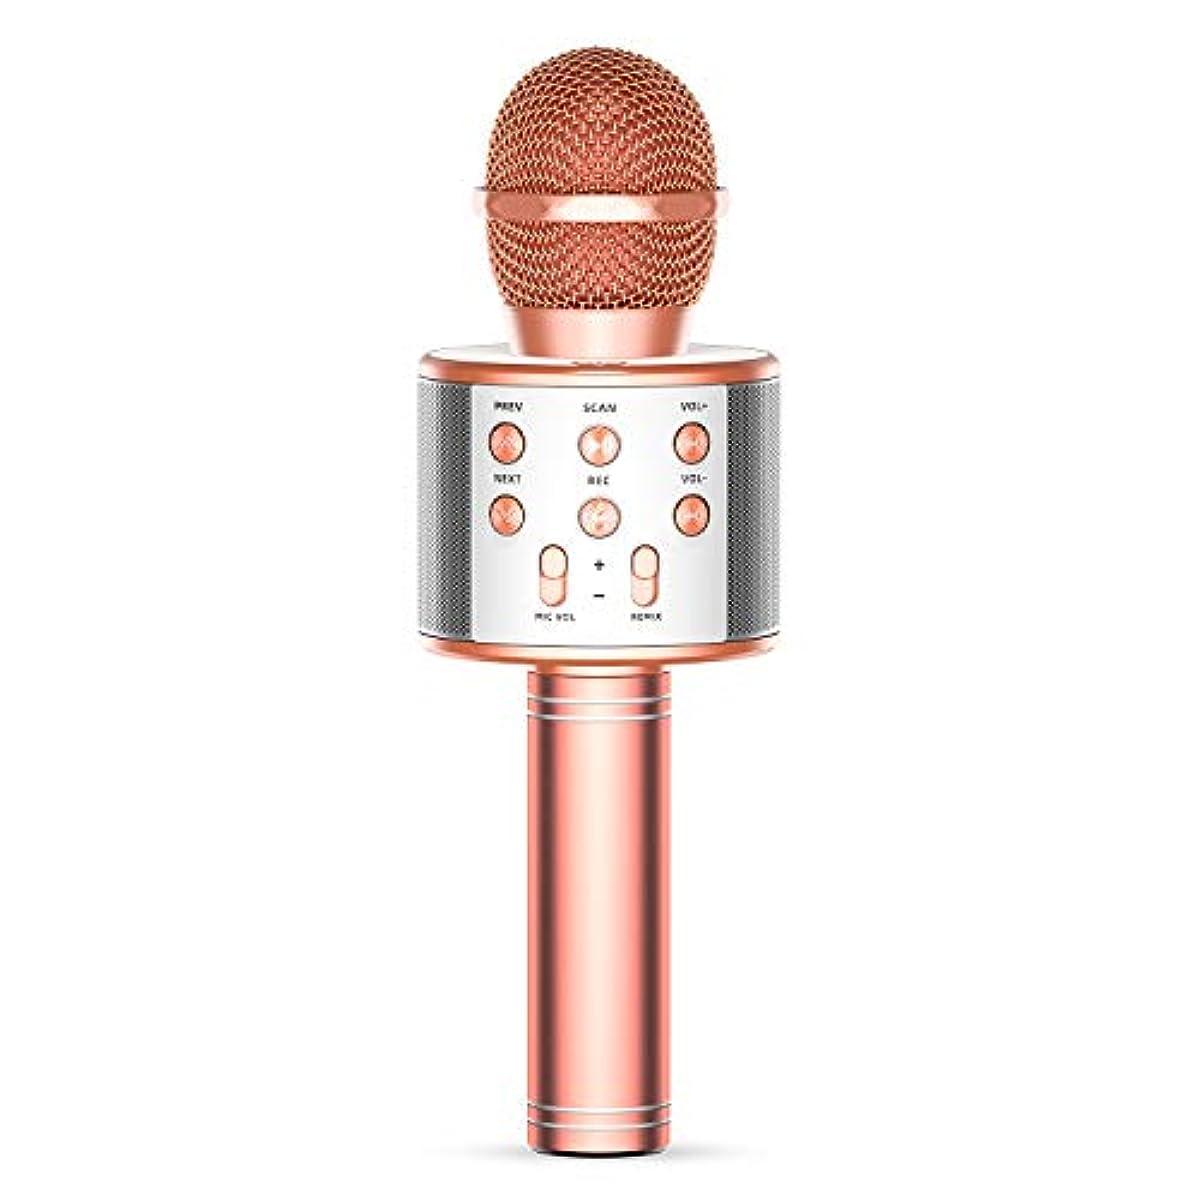 [해외] TRONIC MASTER 컬러오케 마이크 컬러오케 기기 아이 컬러오케 포터블 컬러오케 마이크 wireless 컬러오케 마이크 BLUETOOTH컬러오케 마이크 3인1다기능 컬러오케 마이크 녹음 가능 ANDROID/IPHONE/IPAD/PC에 대응